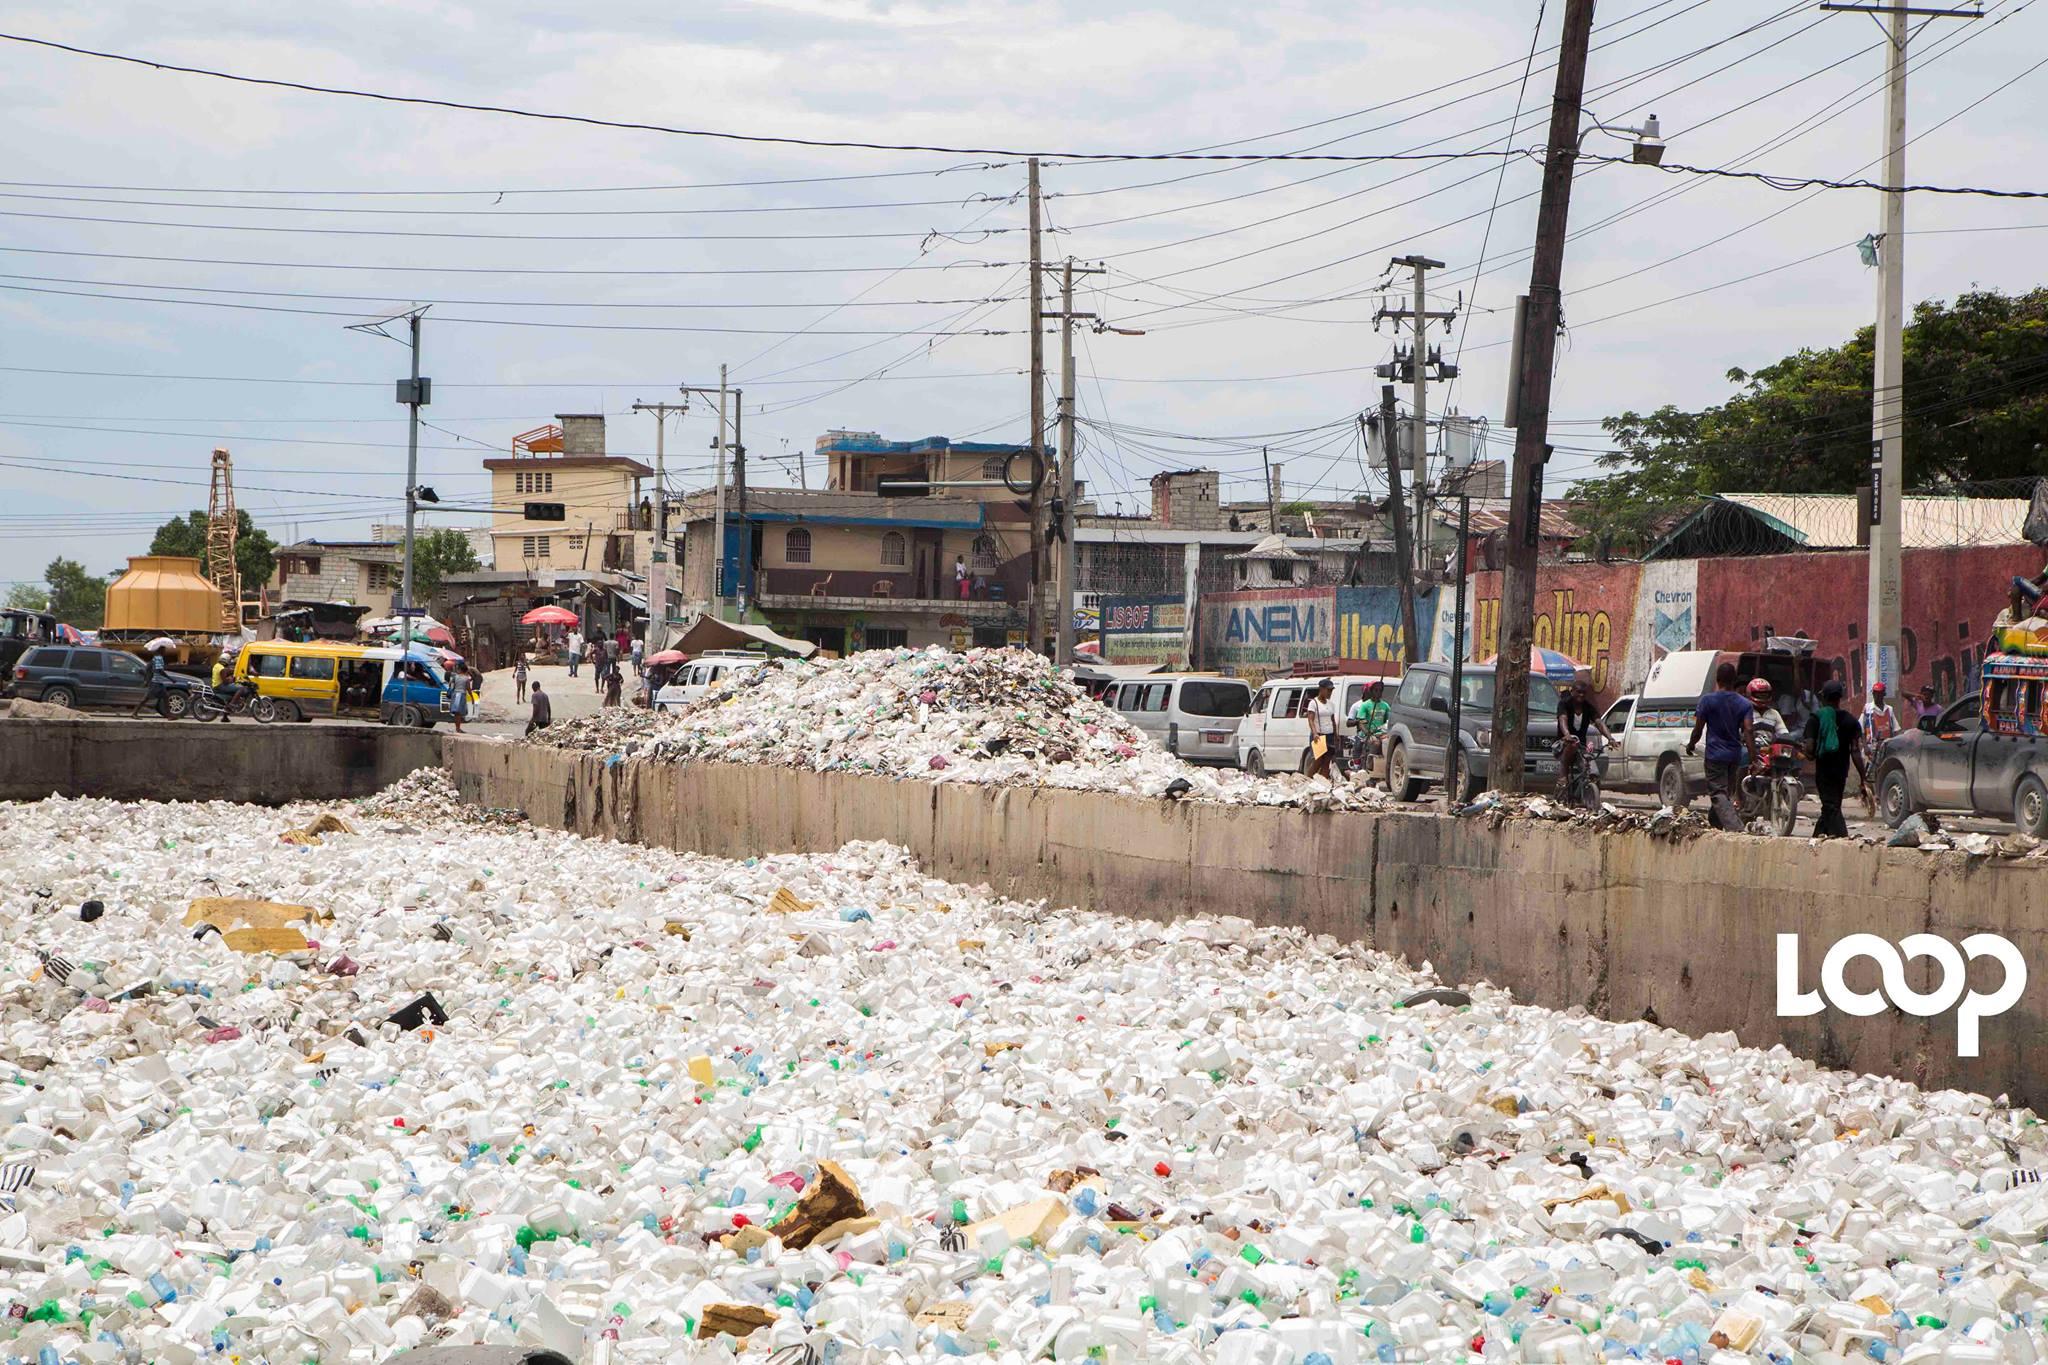 Haïti, 3e pays le plus touché par les risques climatiques entre 1999 et 2018 (German watch).